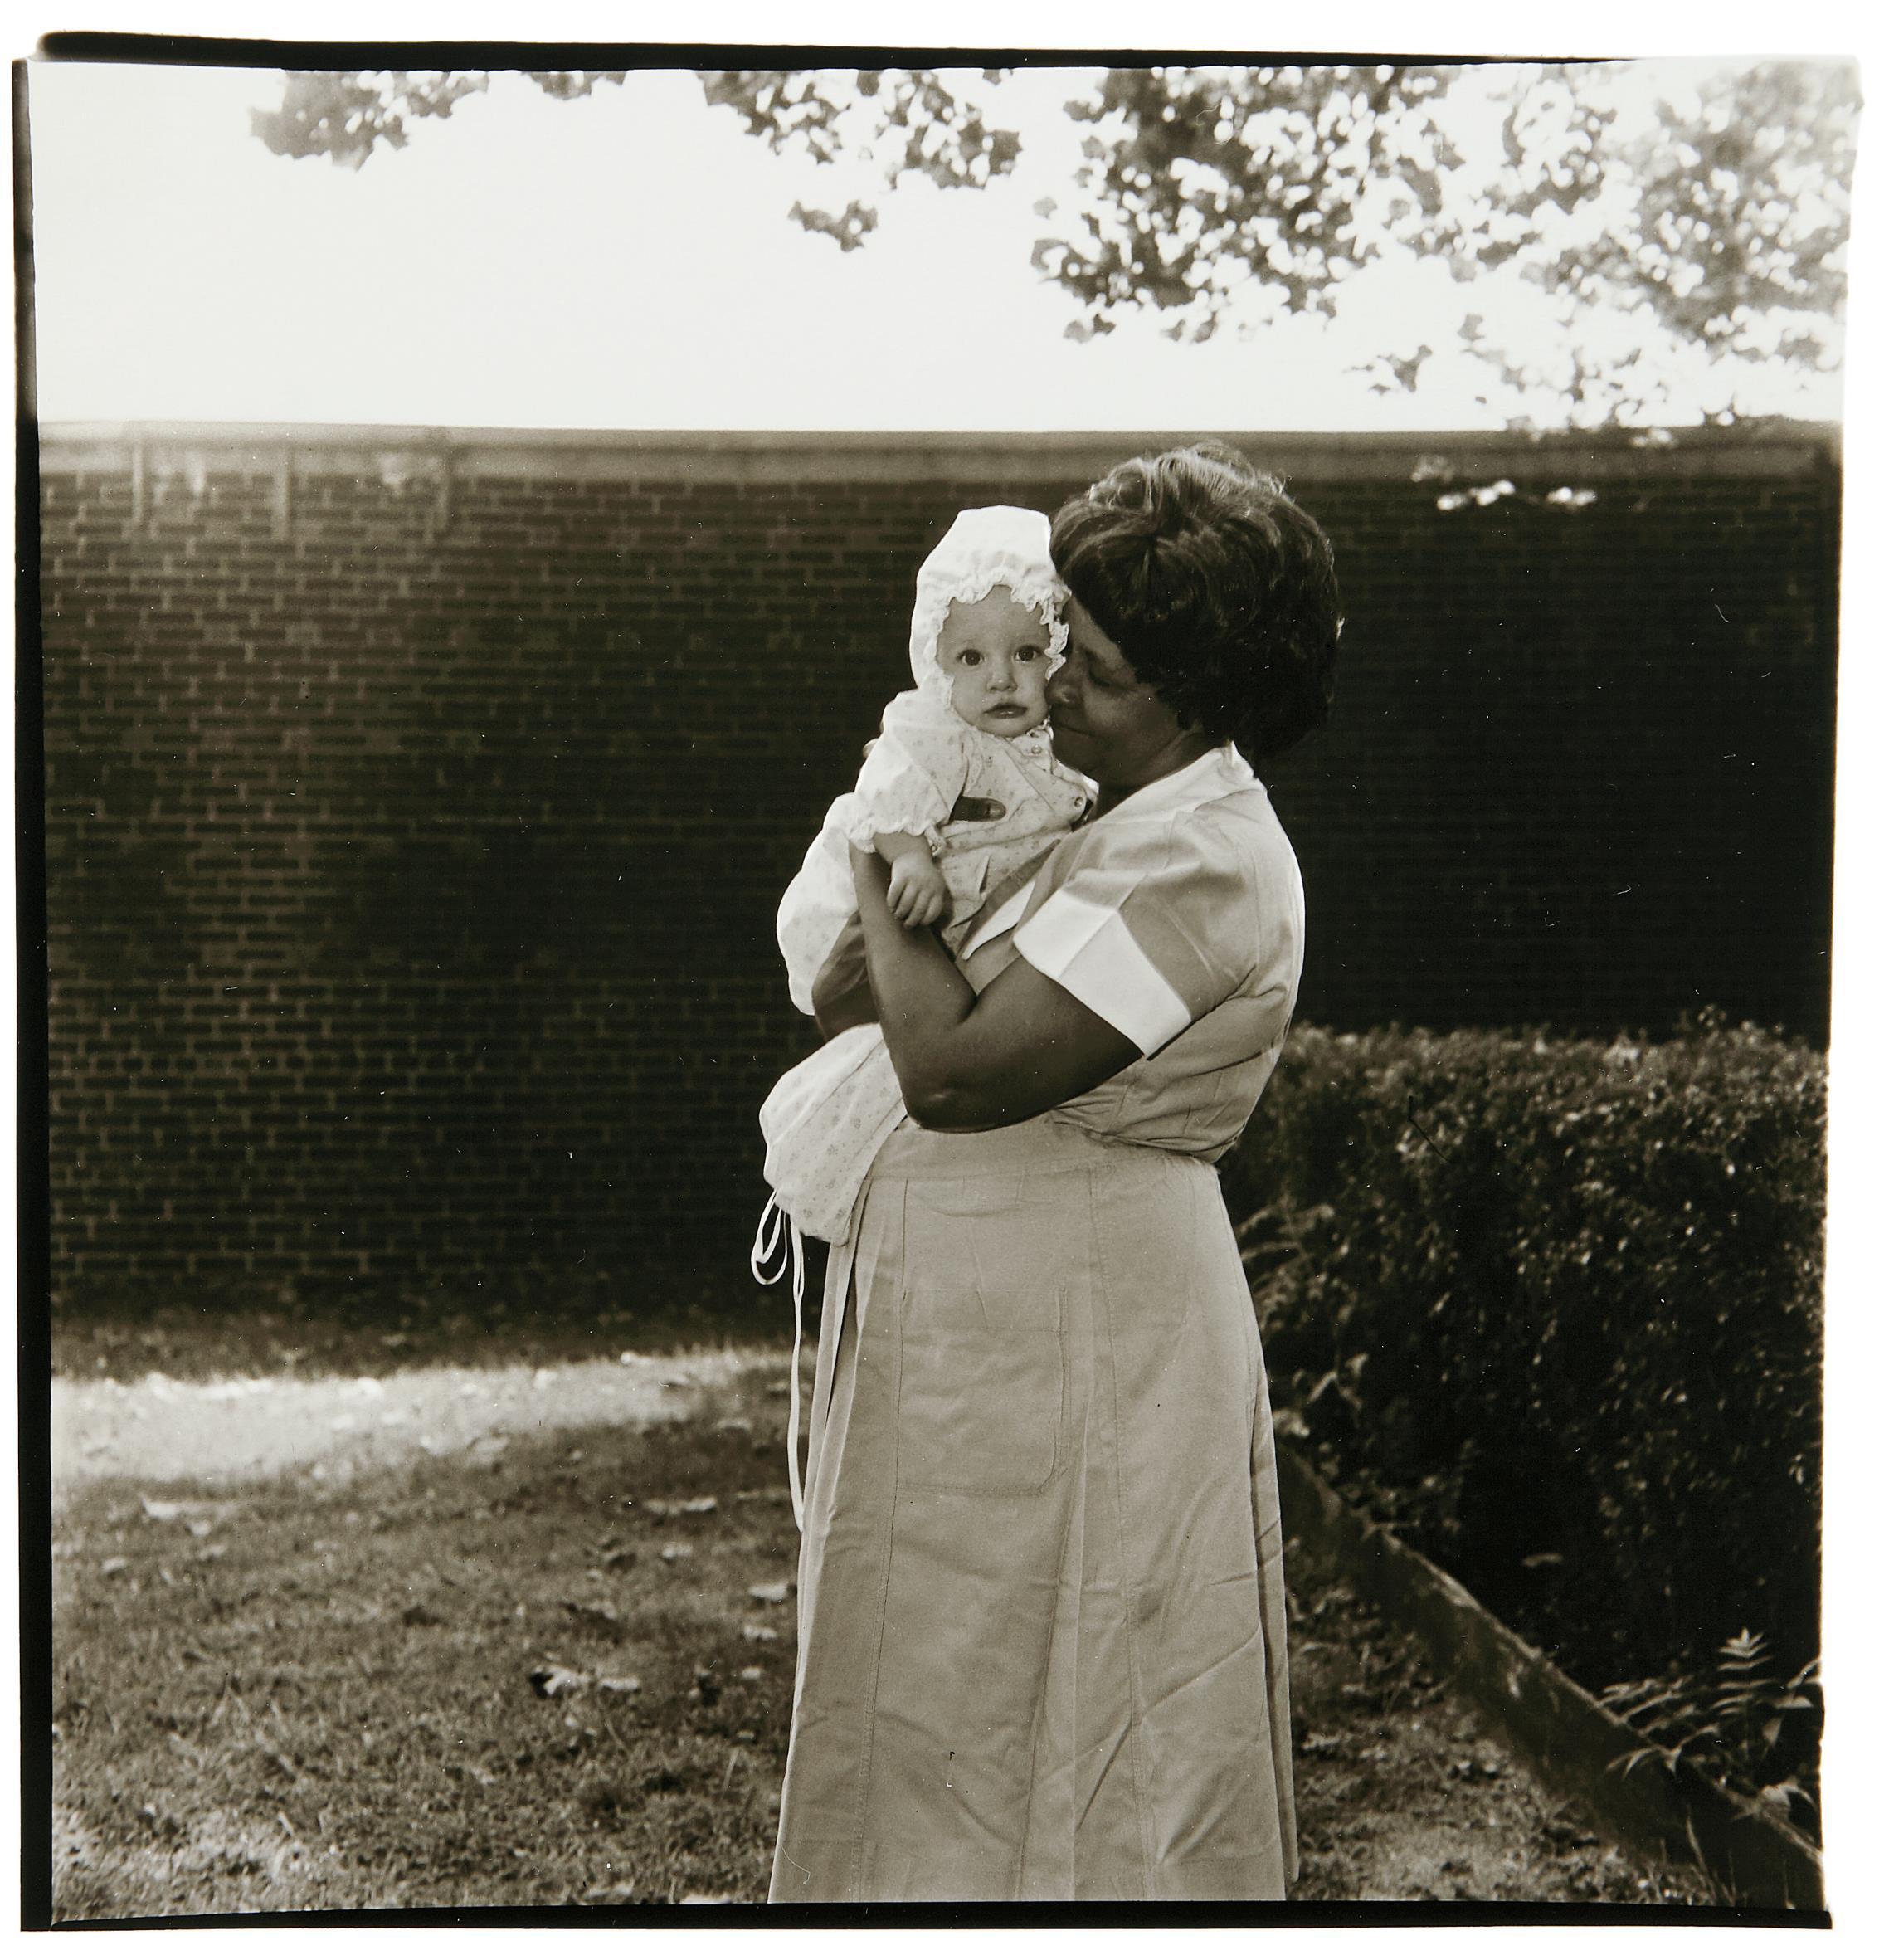 Diane Arbus-Toddler Being Held In Garden, N.J.-1968